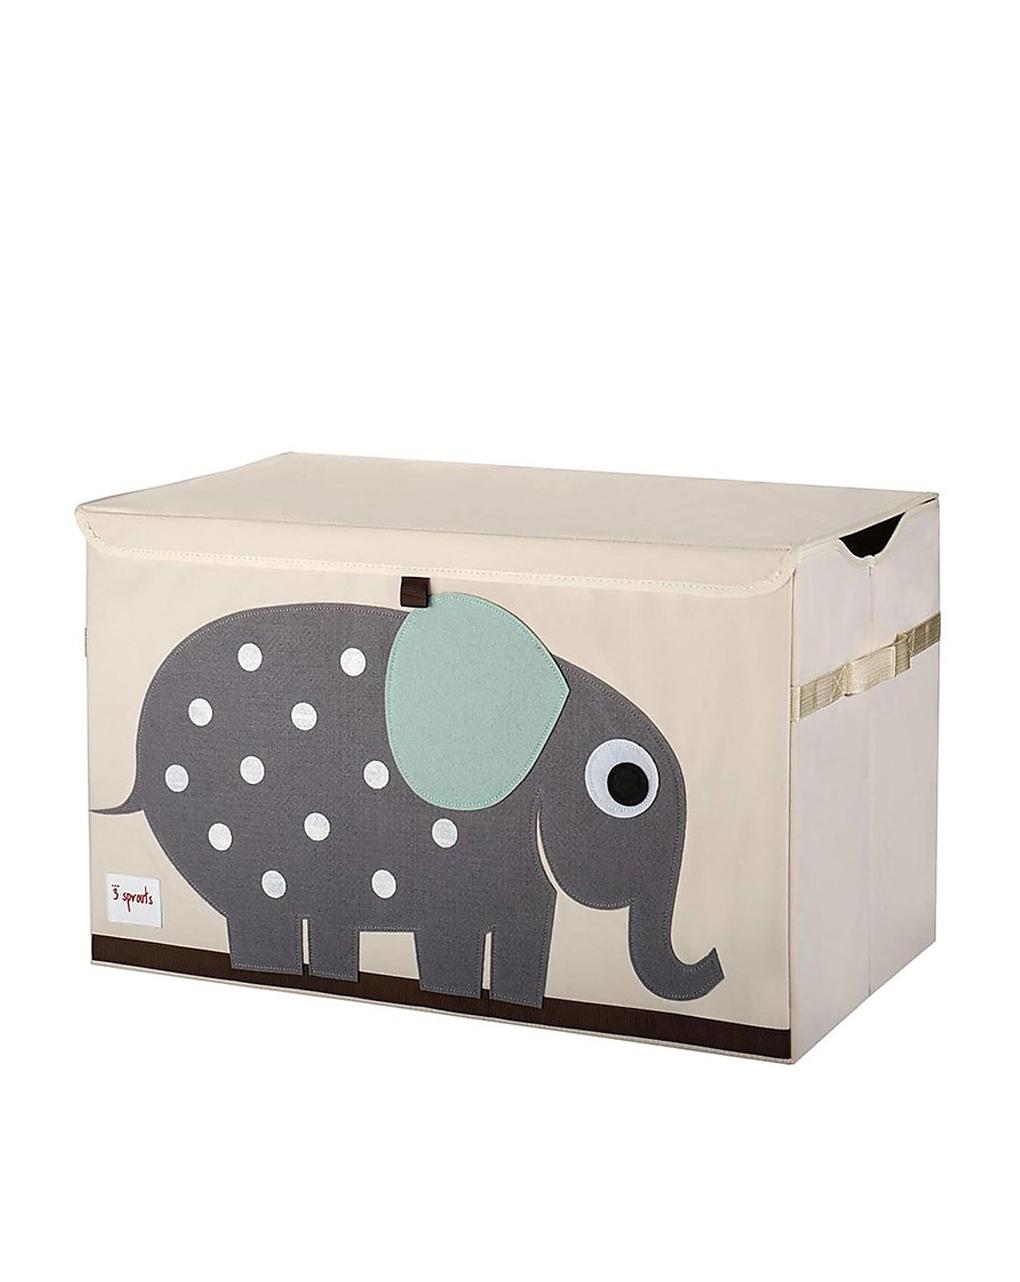 Baule porta giochi con elefante - 3 sprouts